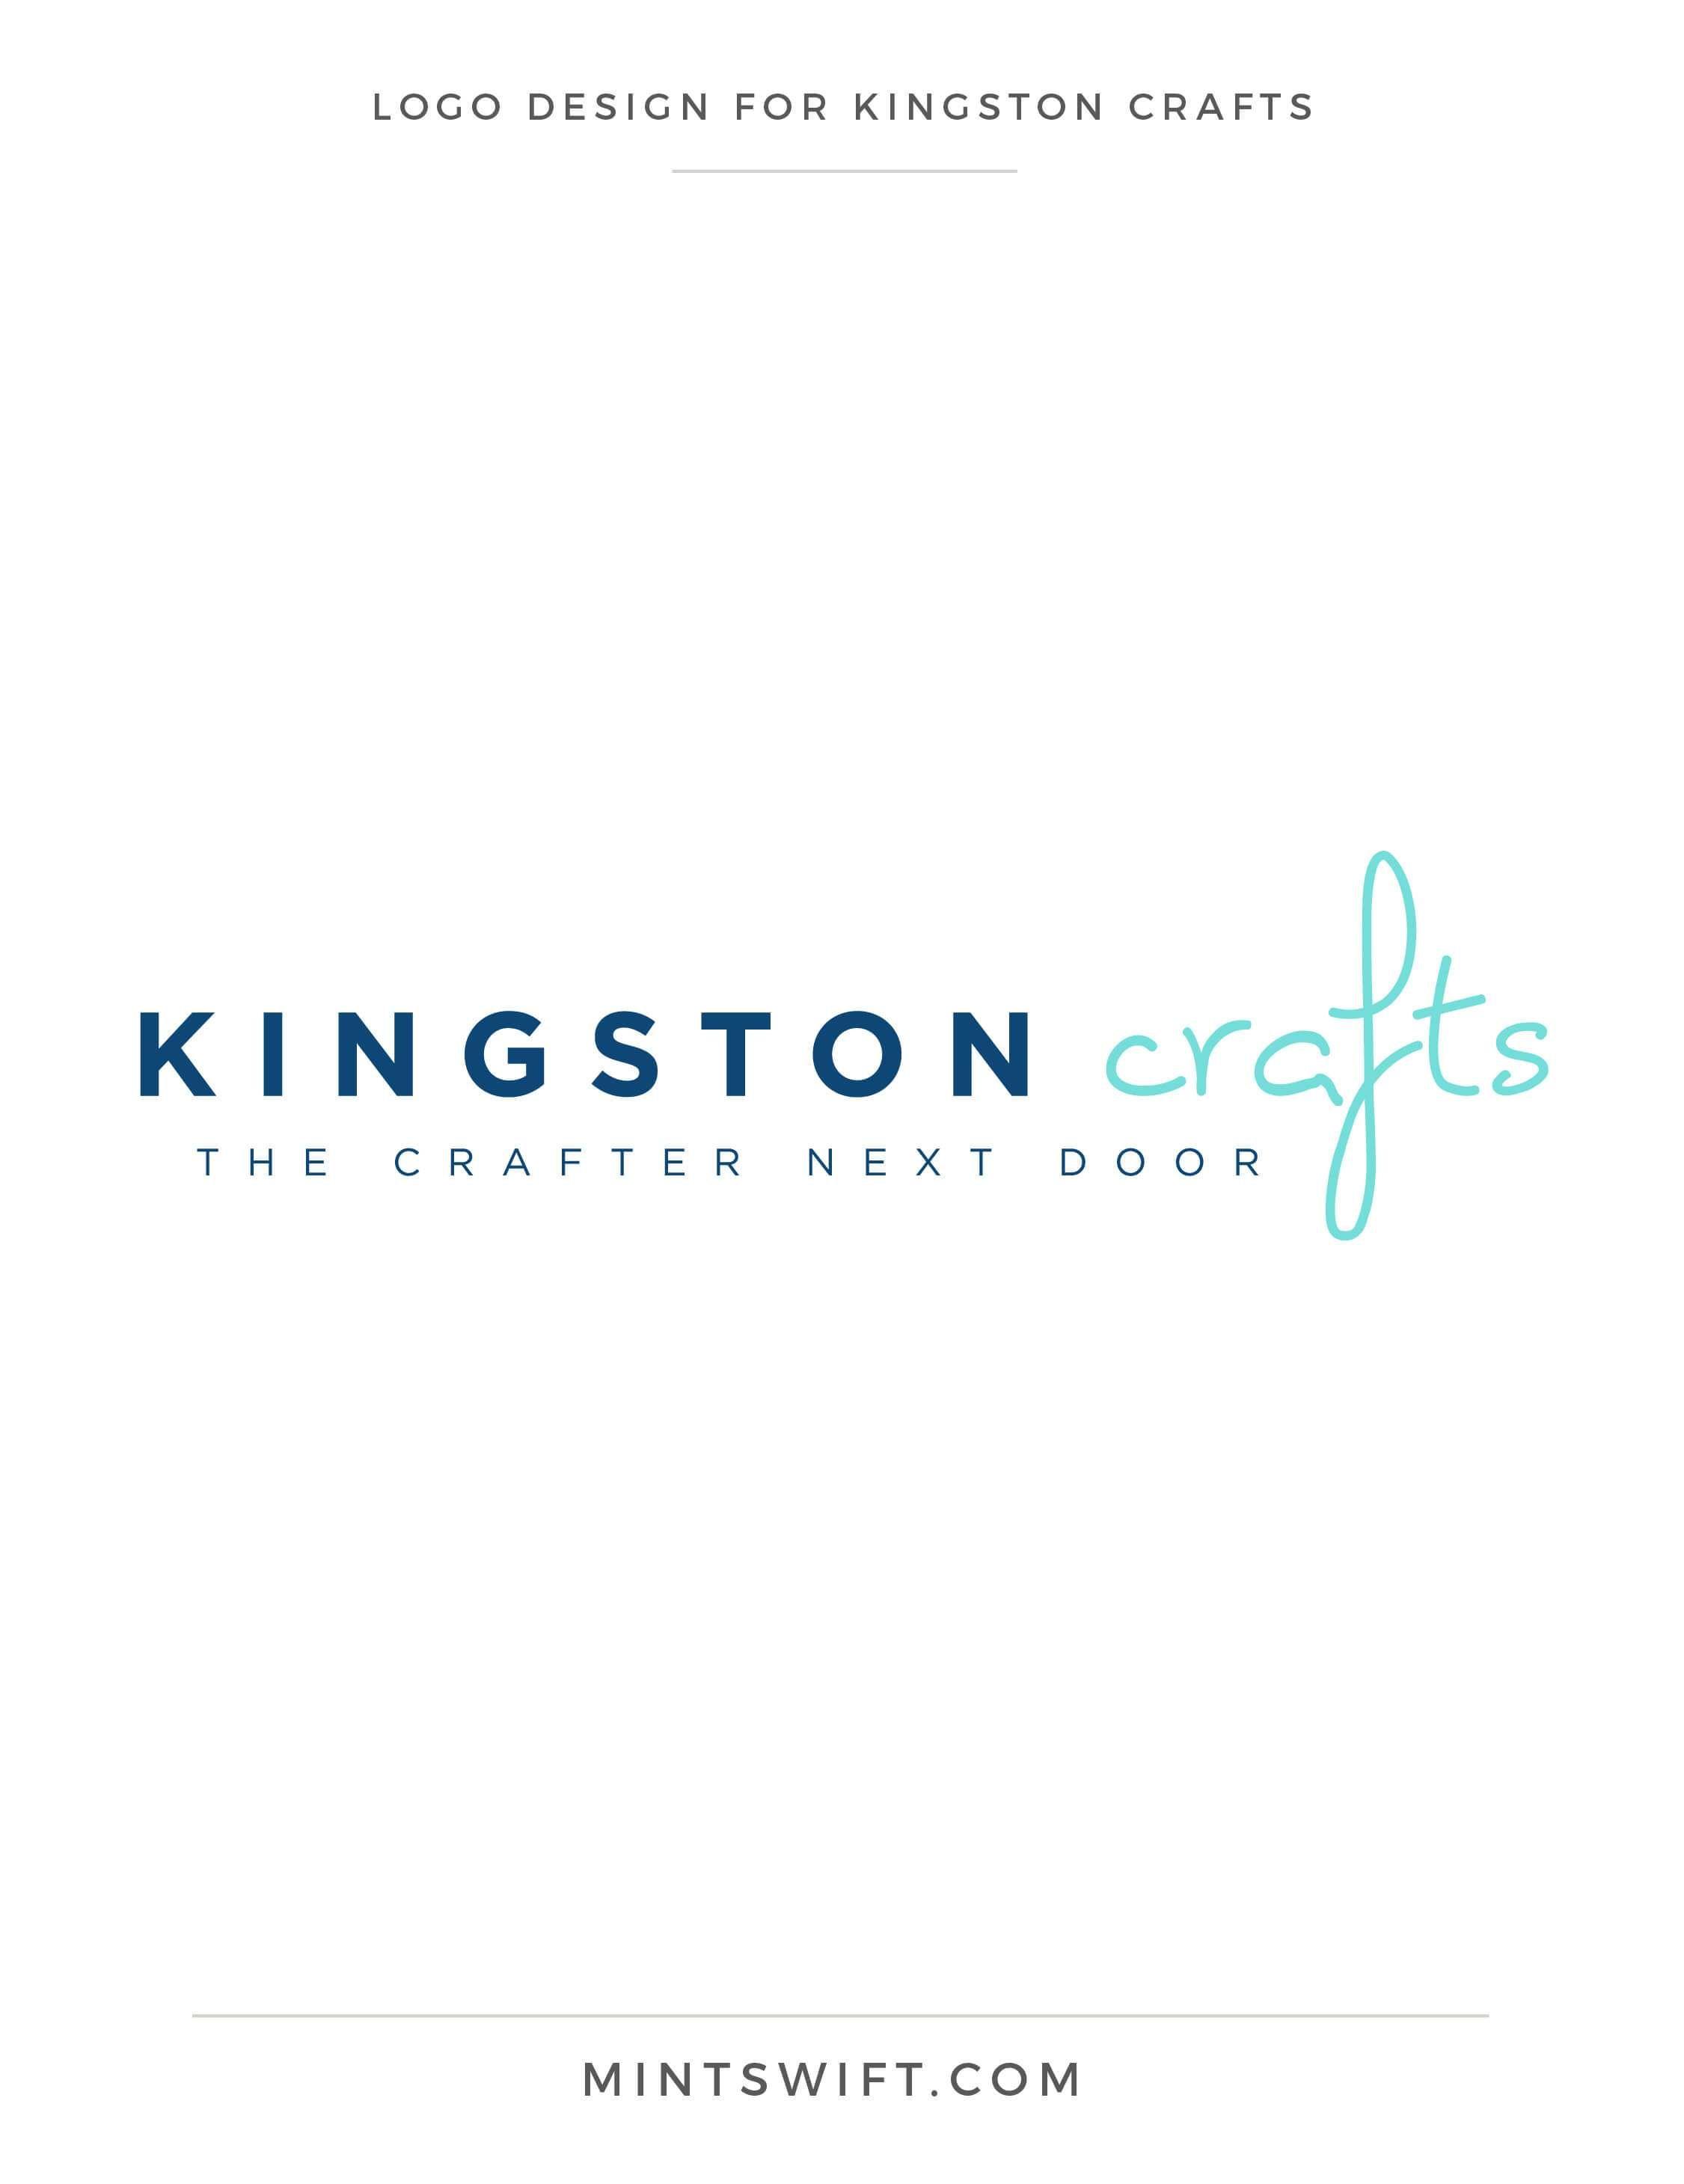 Brand Design for Kingston Crafts | Favicon design, Brand style guide ...